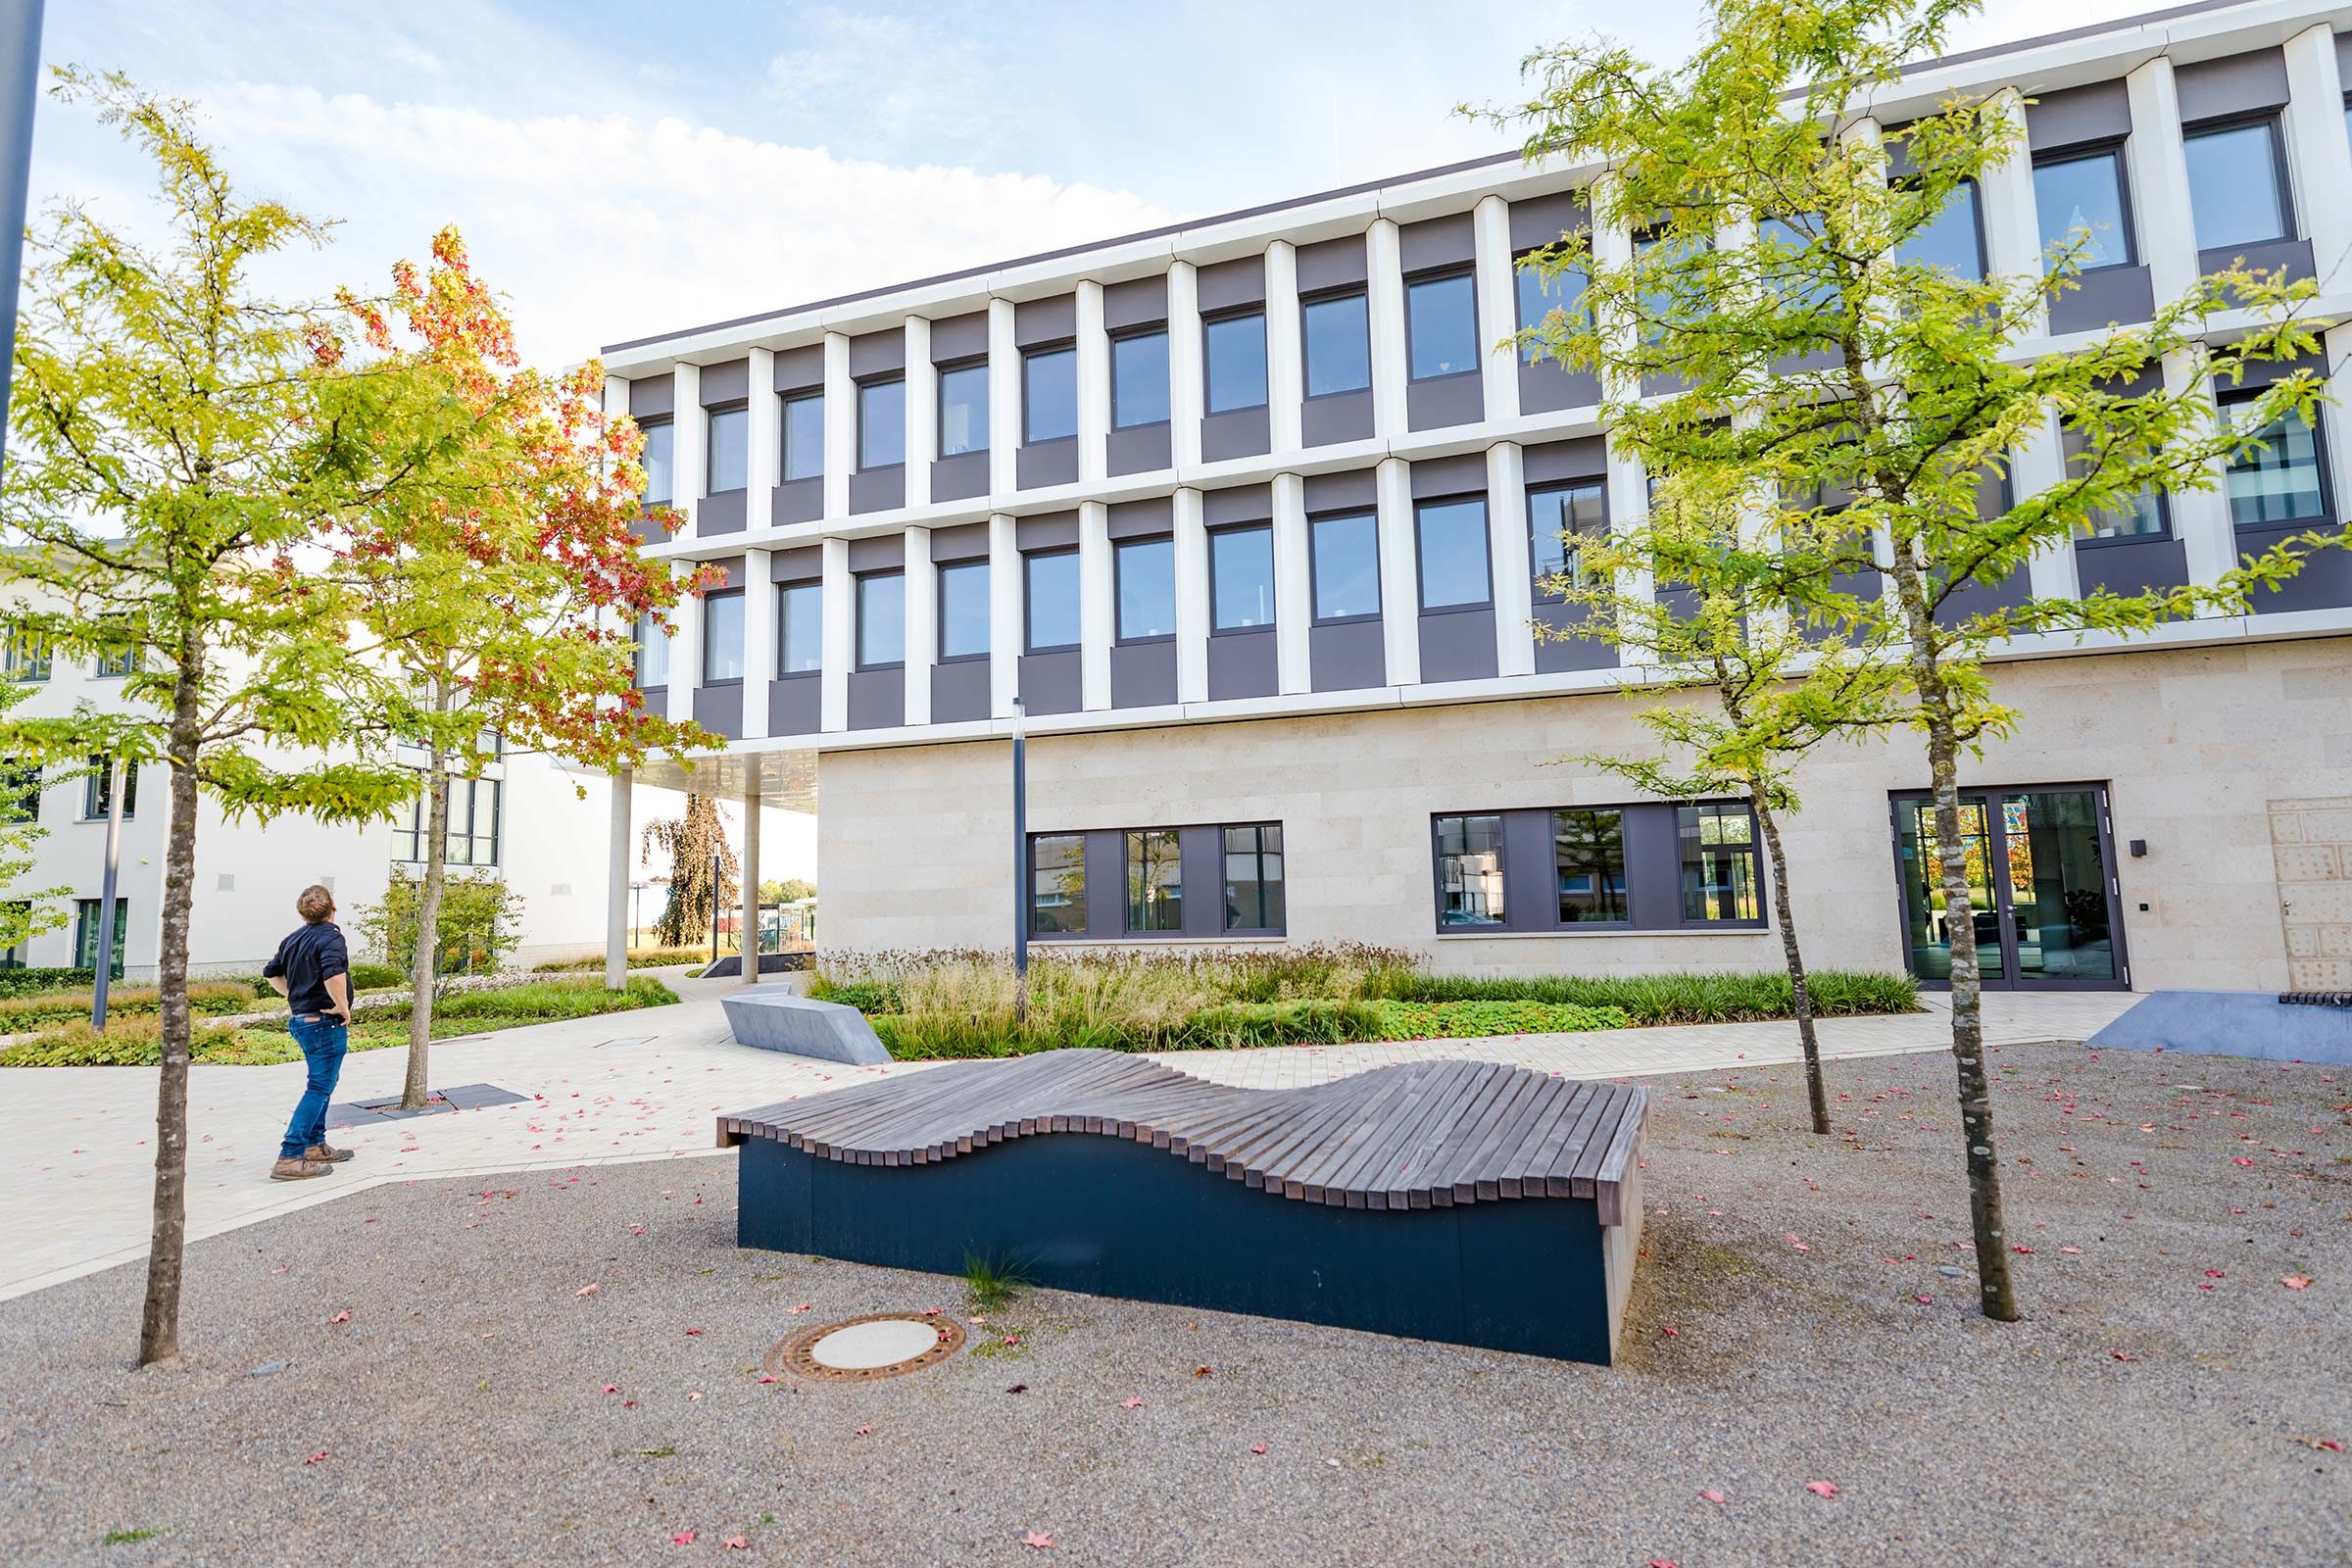 Link zur Bilddatei: Schulze-Tertilt_Referenzen_gewerbeflaeche_sendenhorst_innenhof